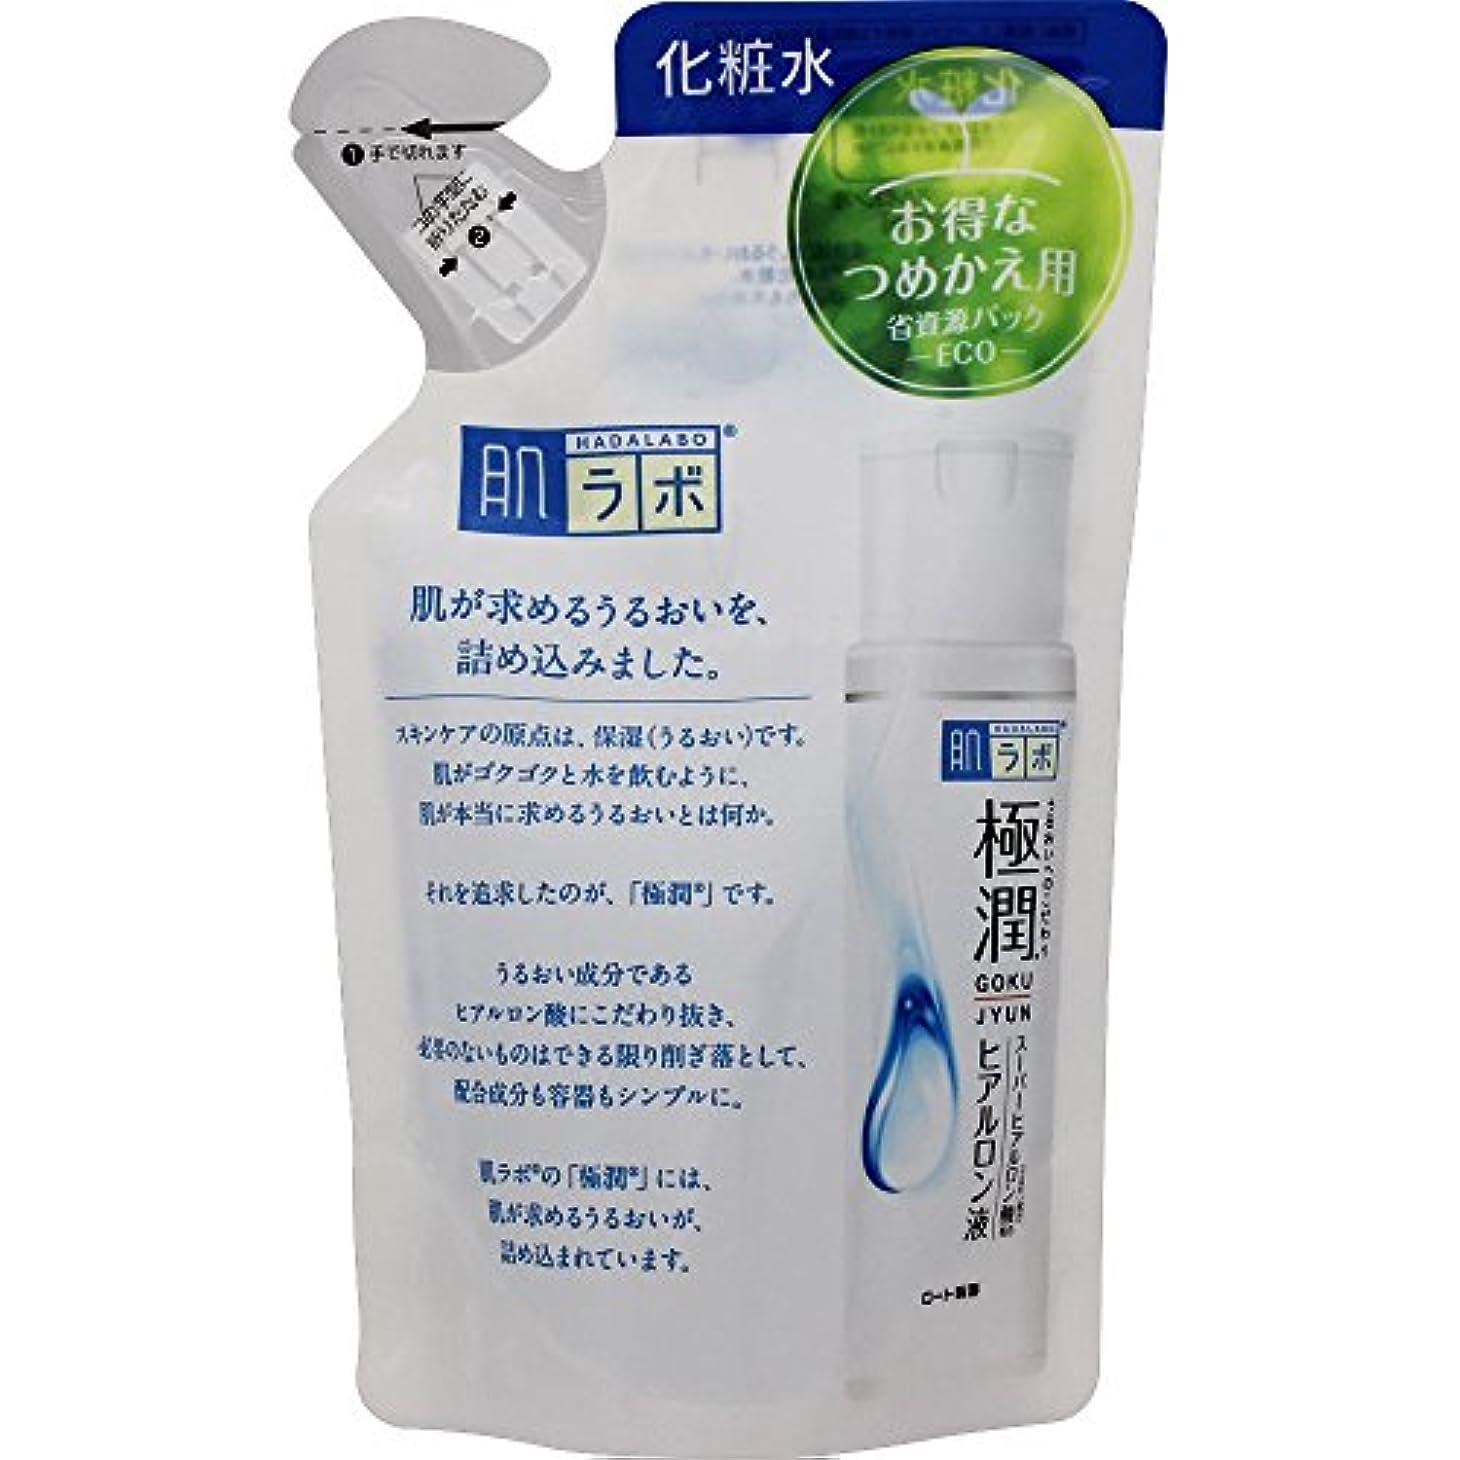 鉱石プラス管理肌ラボ 極潤 ヒアルロン酸 化粧水 ヒアルロン酸3種配合 詰替用 170ml